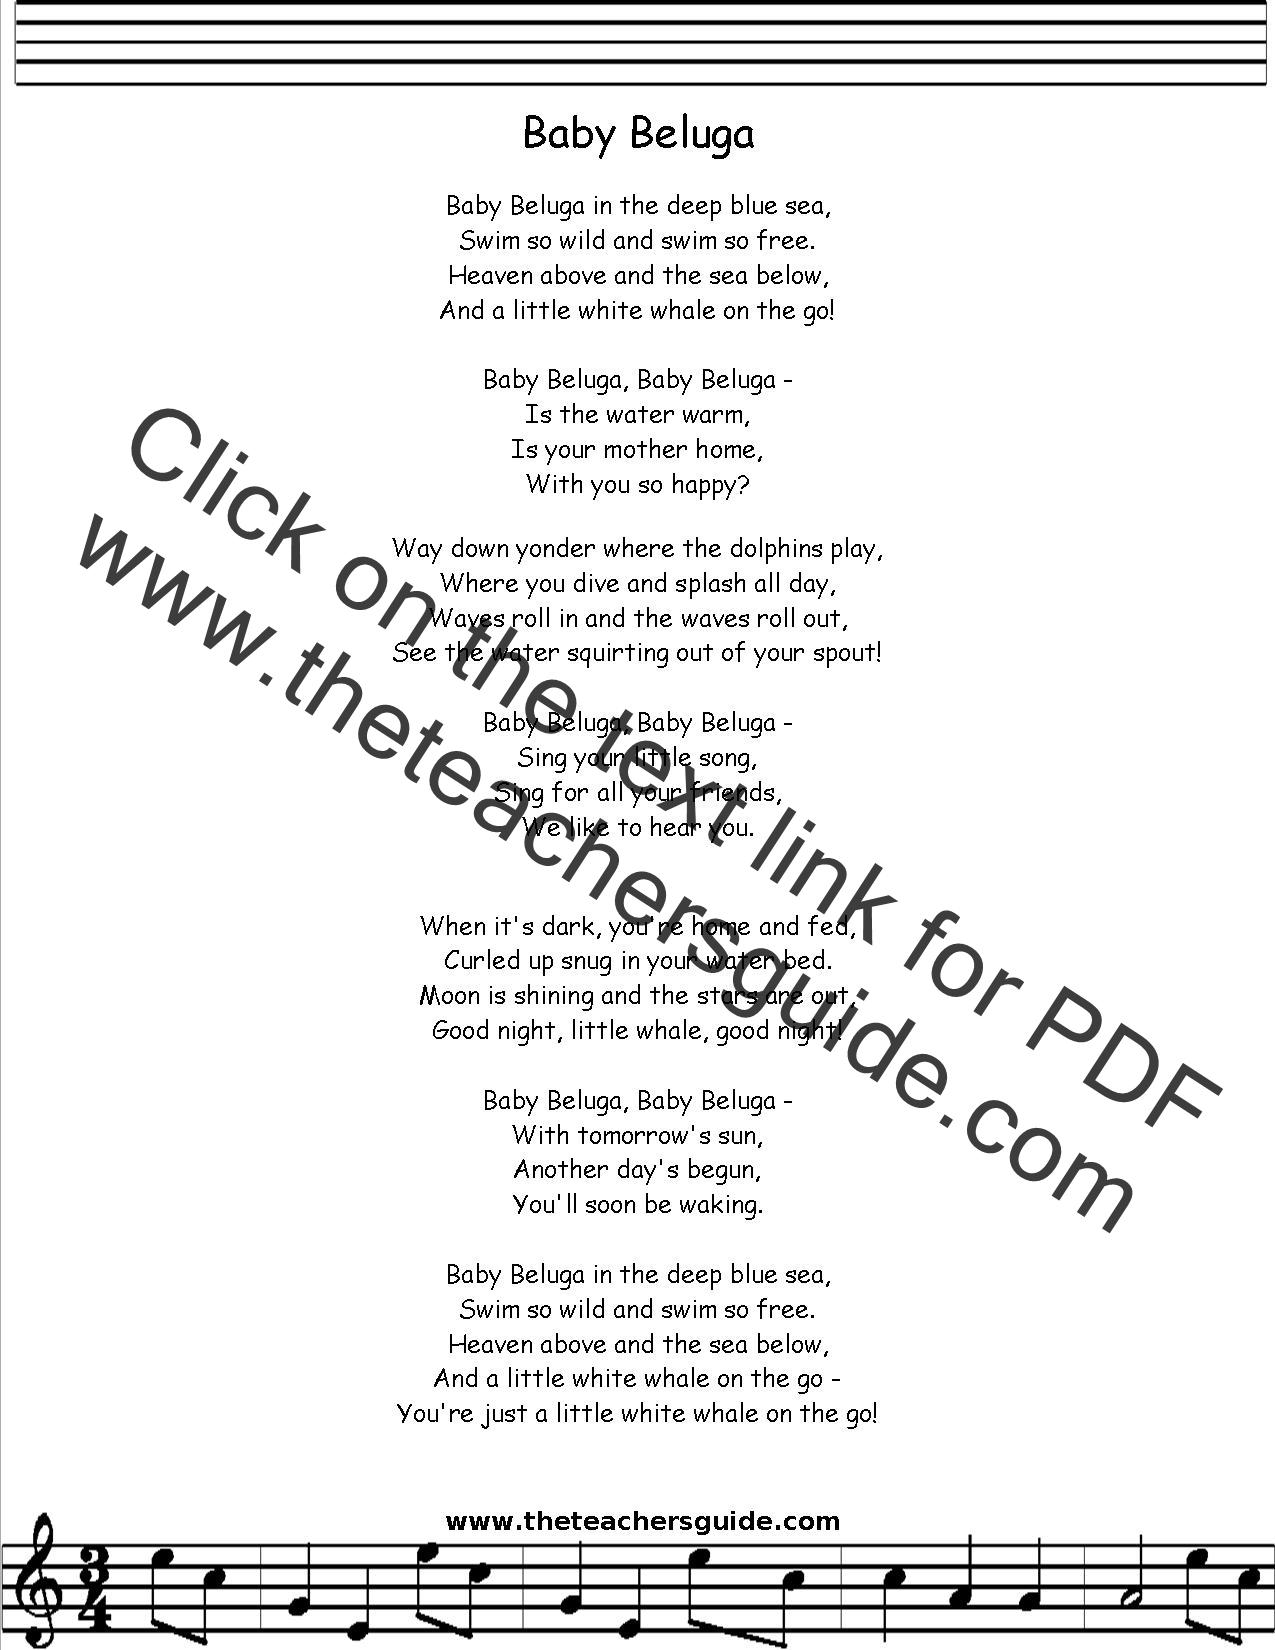 baby im missing you lyrics